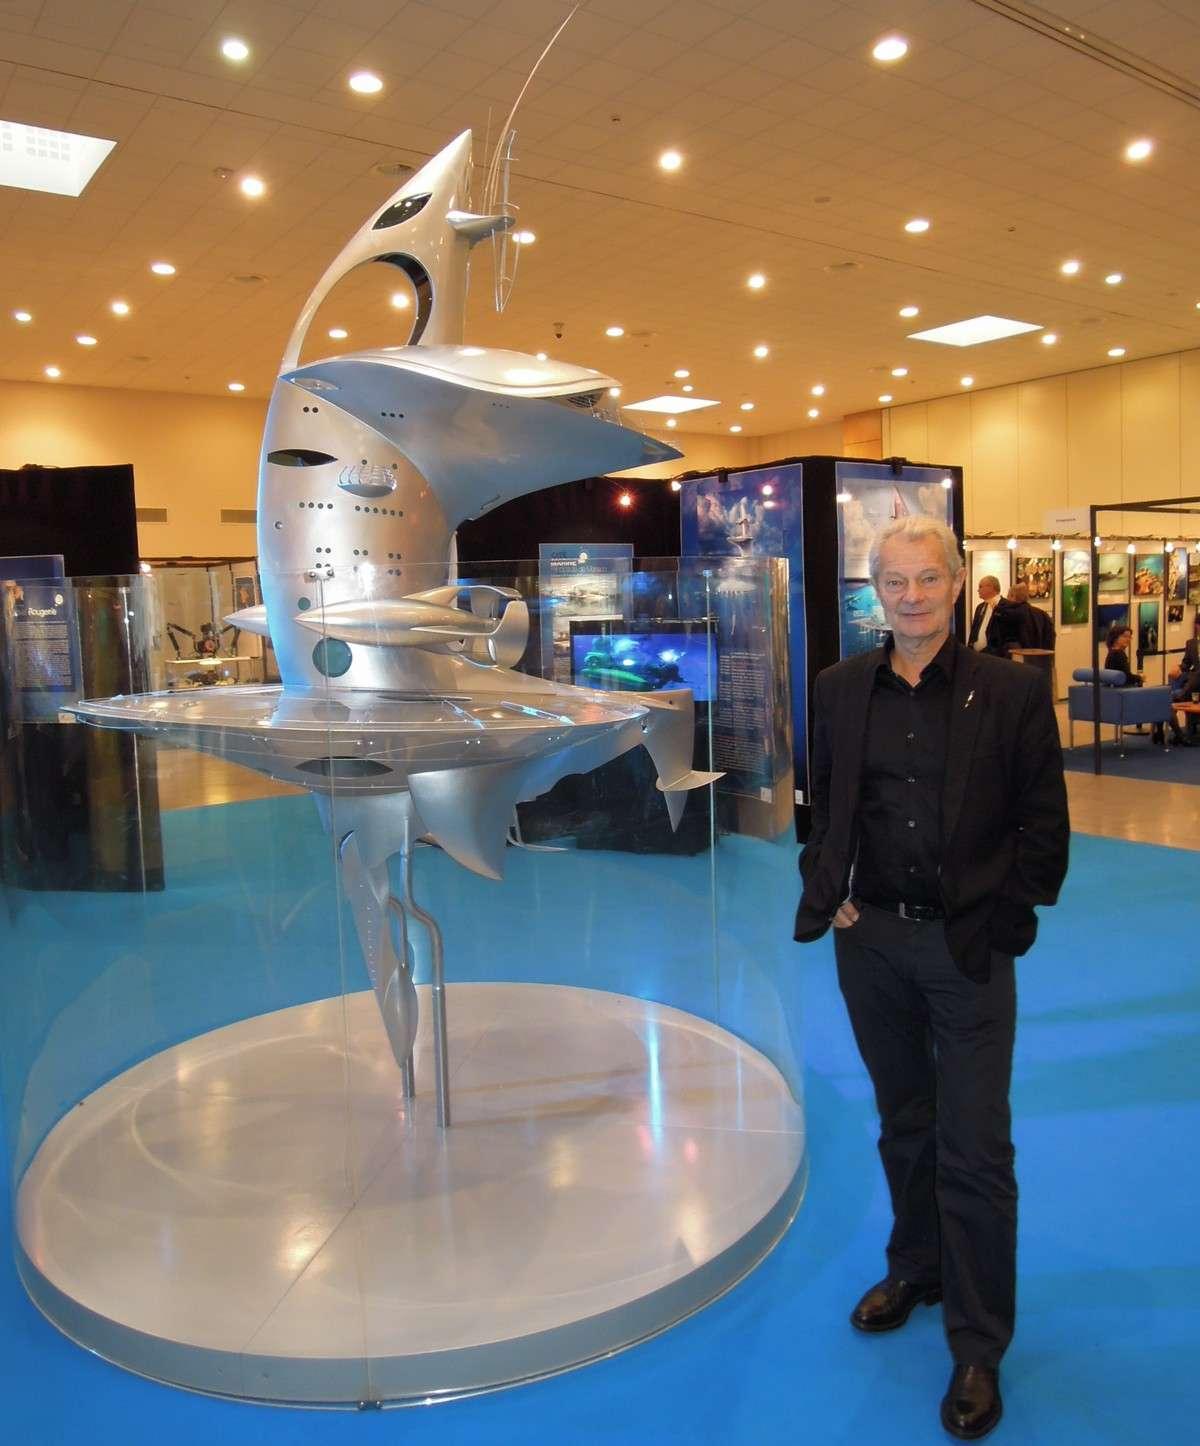 Jacques Rougerie, architecte et grand plongeur, espère que son laboratoire océanographique, le Sea Orbiter, verra la mer à partir de l'été 2014. © Jean-Baptiste Feldmann